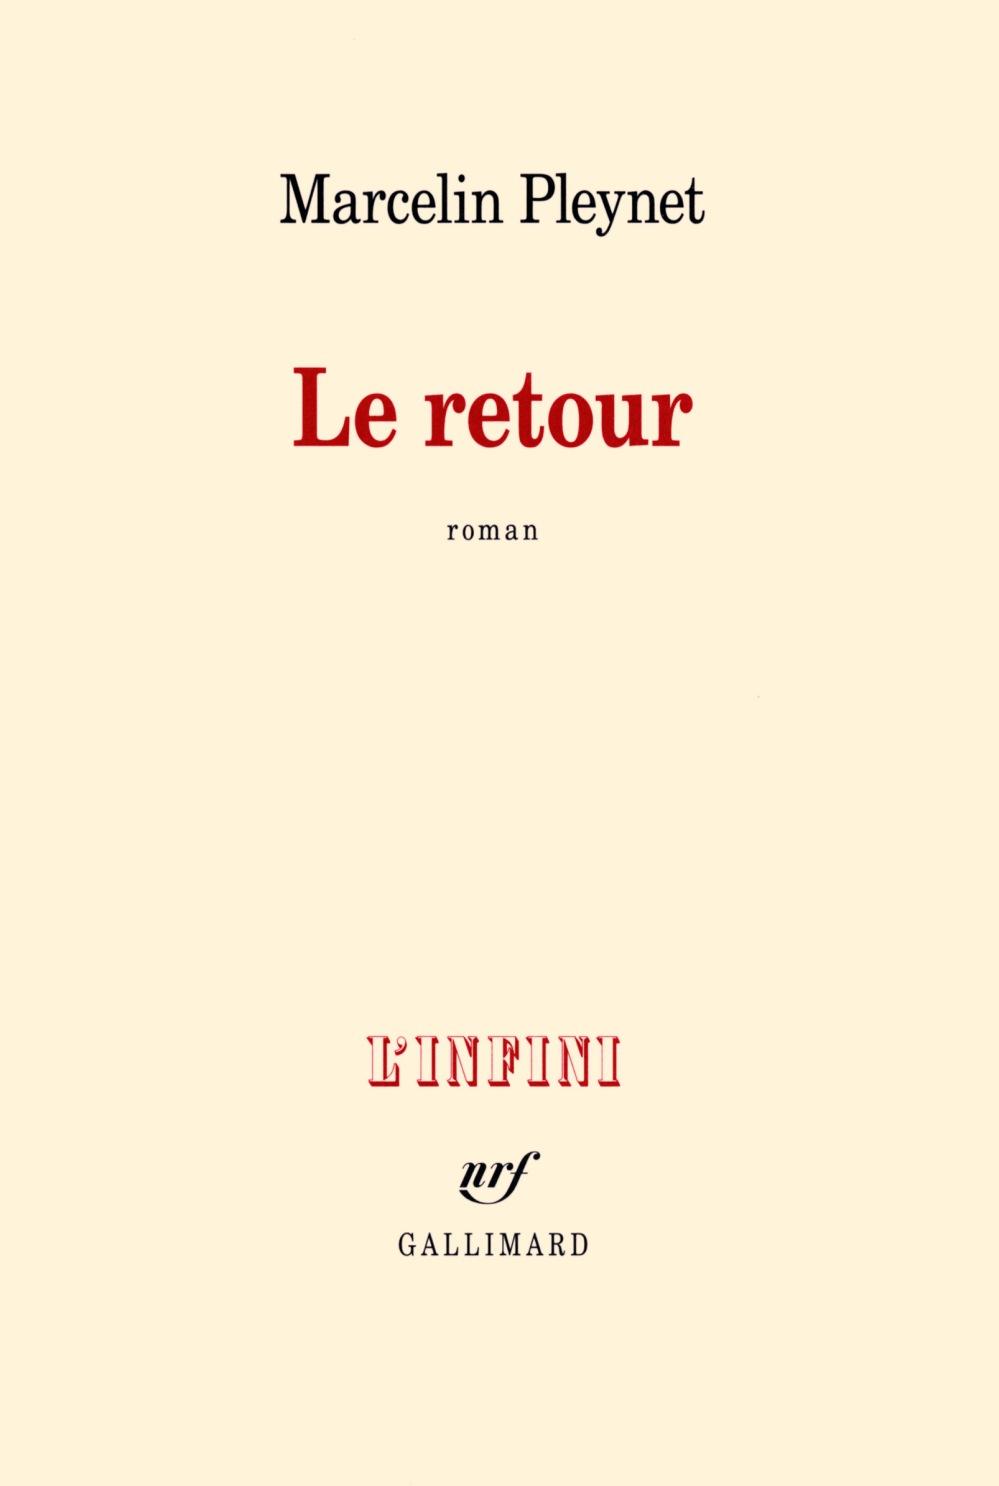 couverture Marcelin Pleynet Le retour